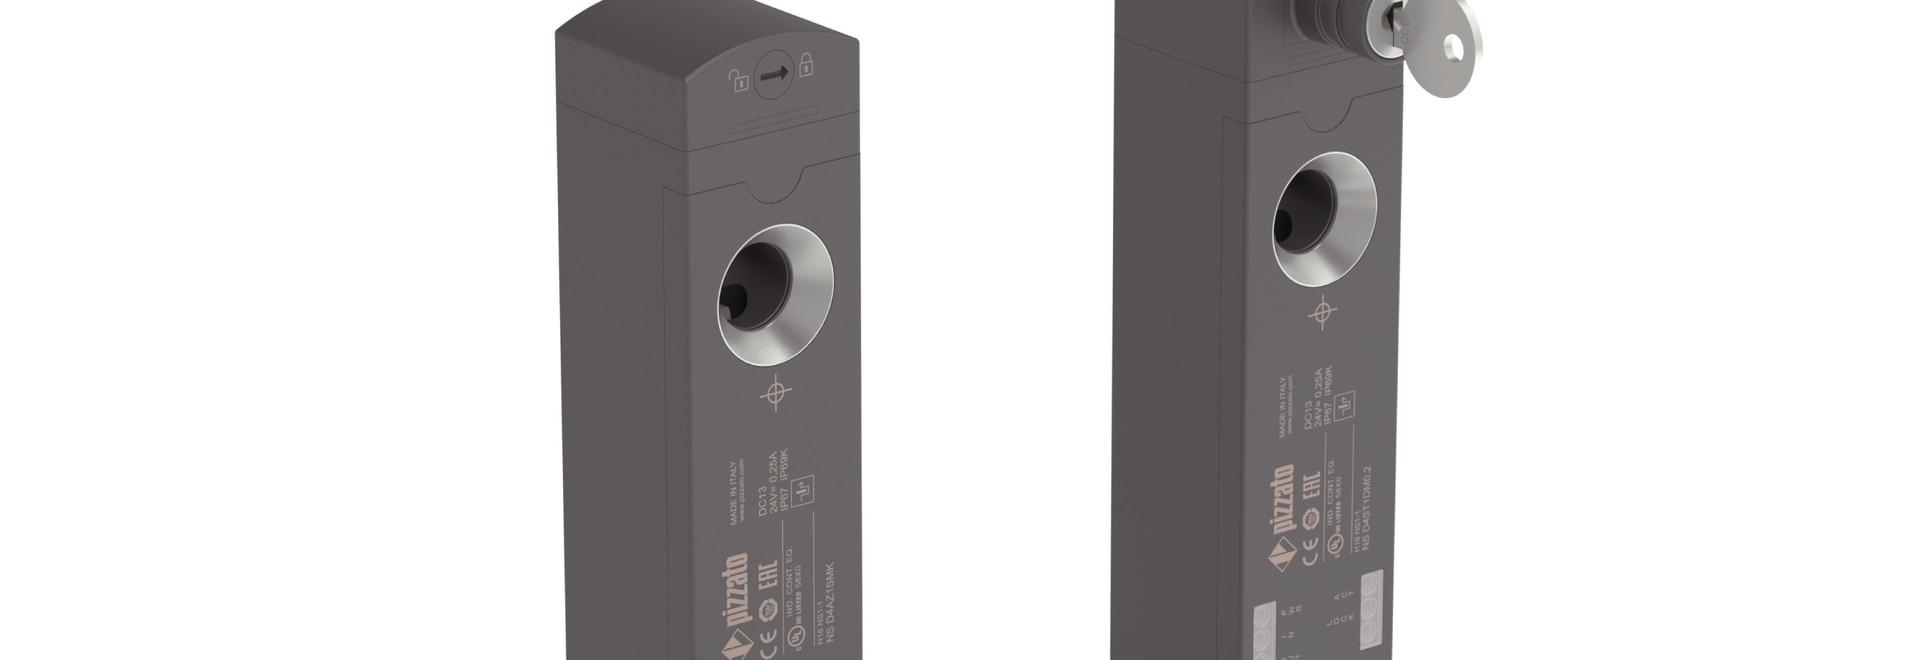 Ns-ReihenSicherheitsschalter mit Solenoid und RFID-Technologie